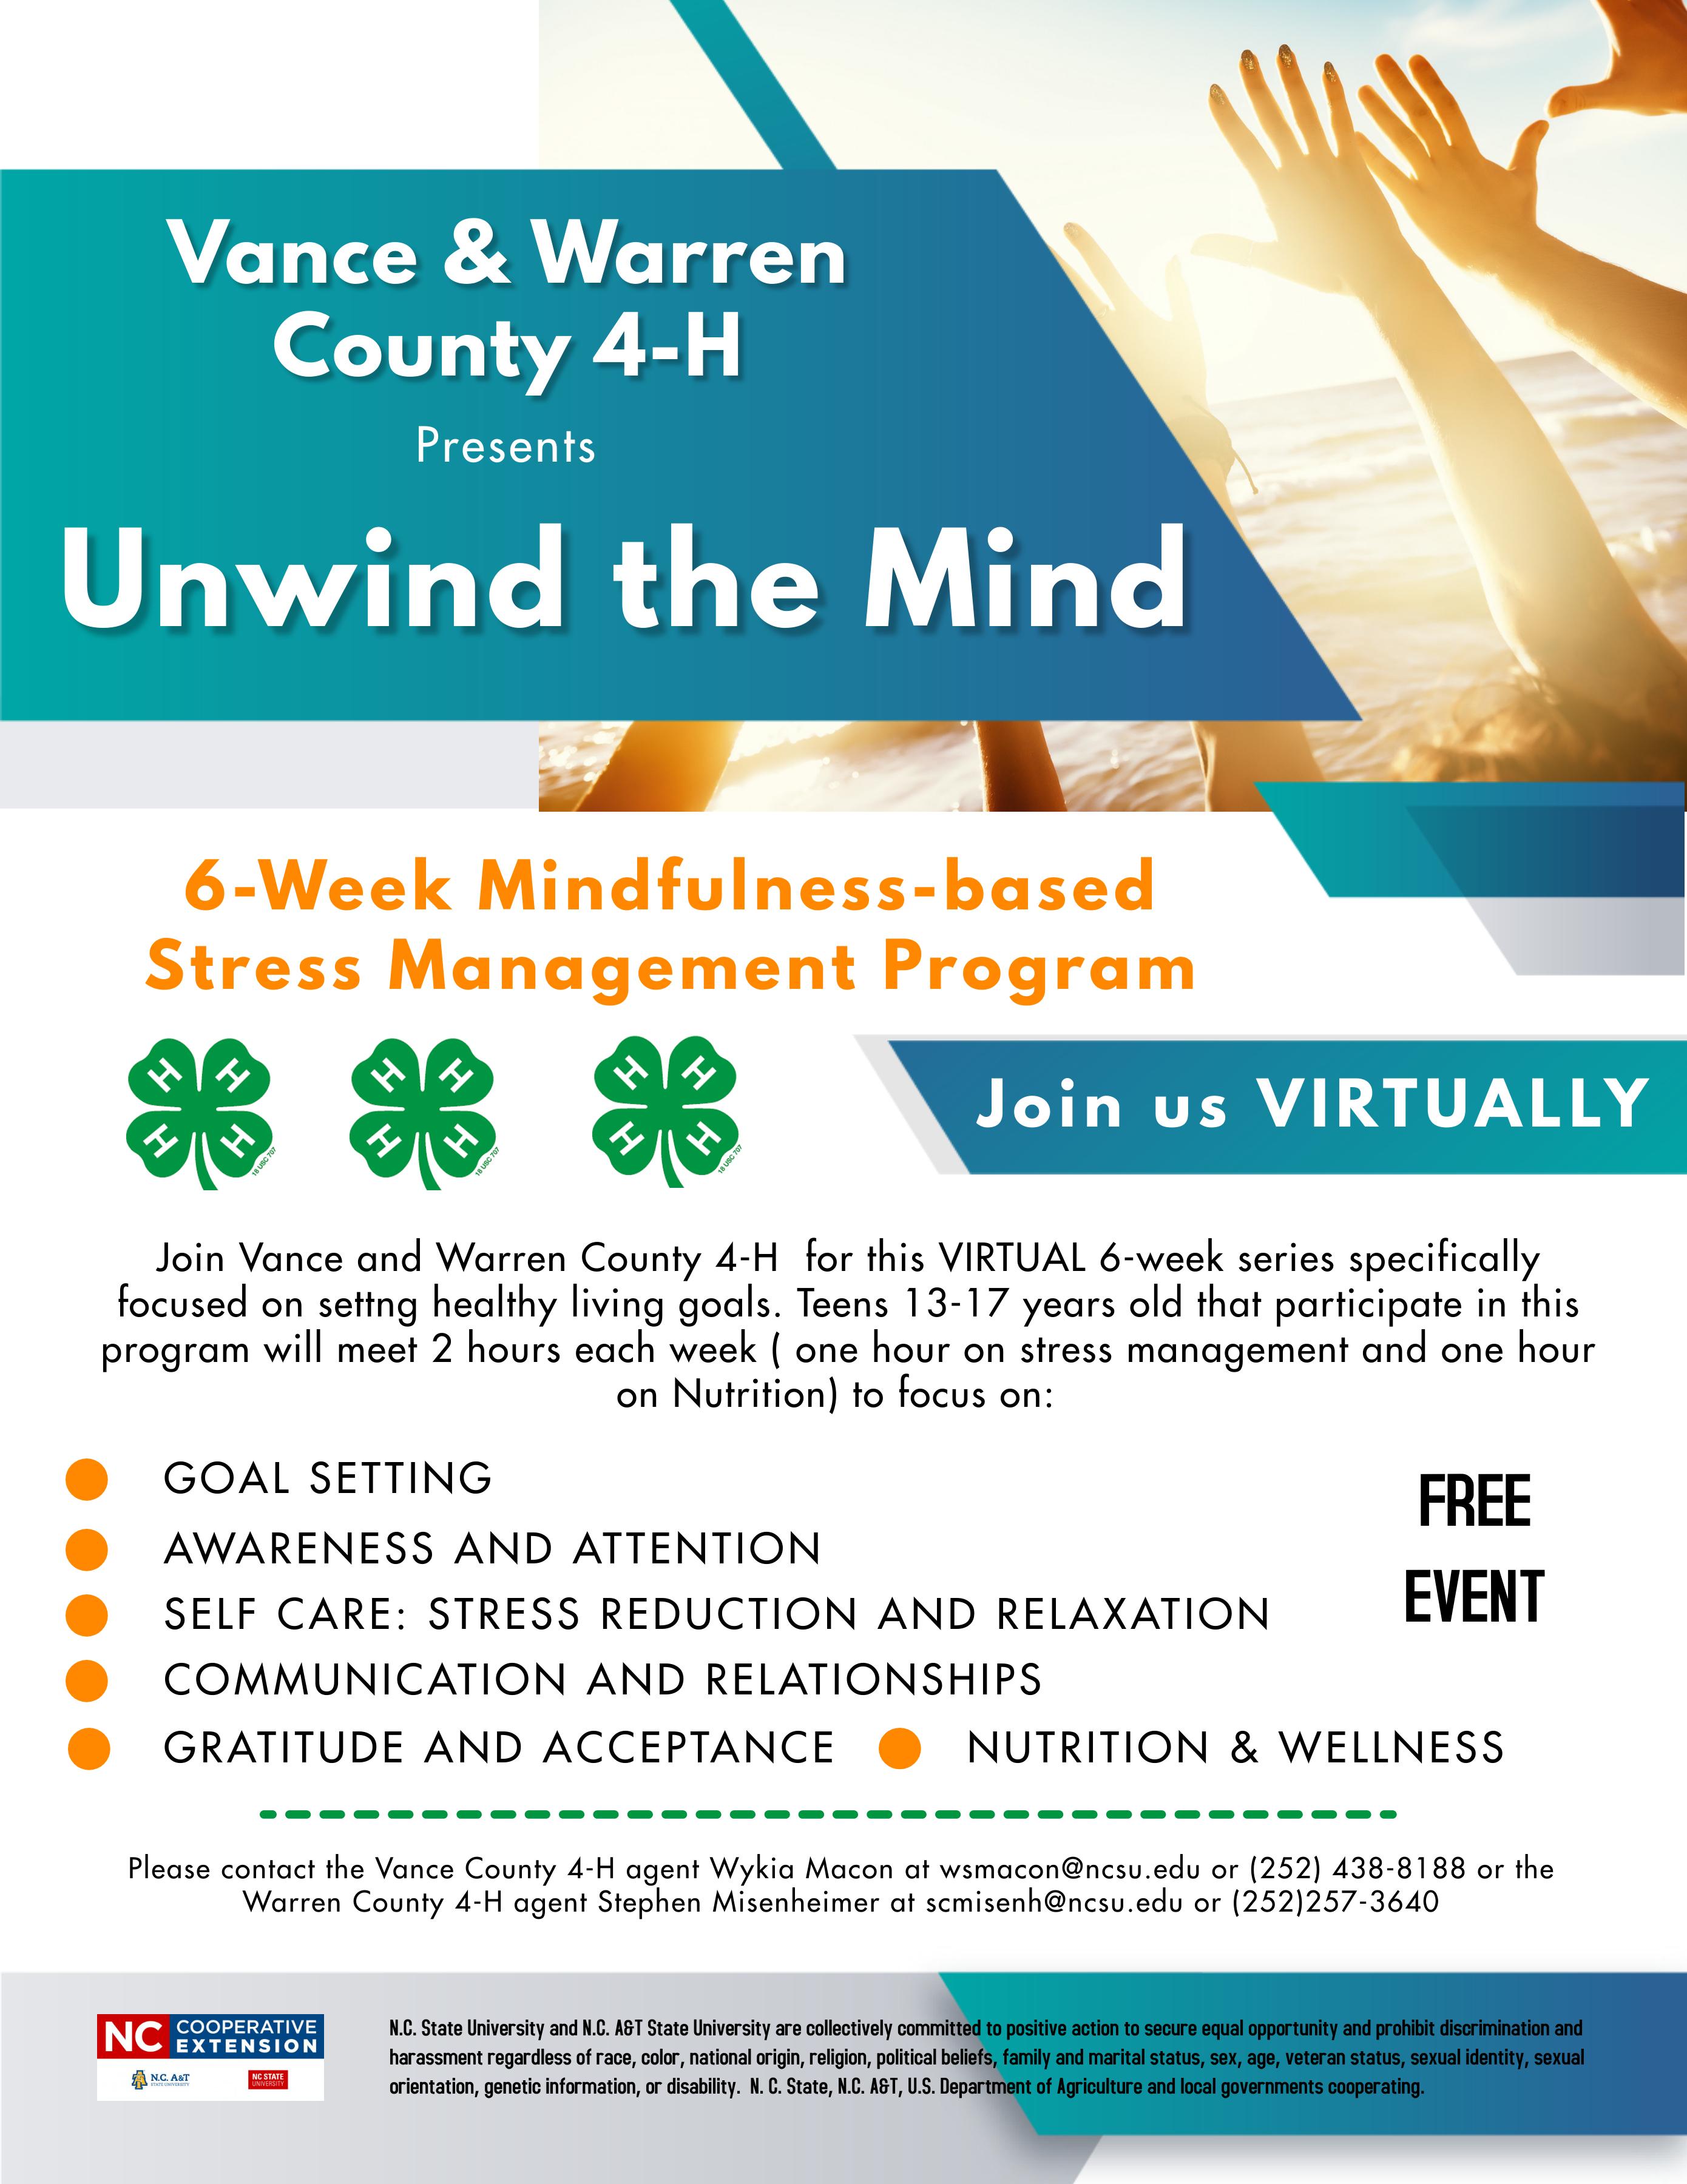 Unwind the Mind flyer image